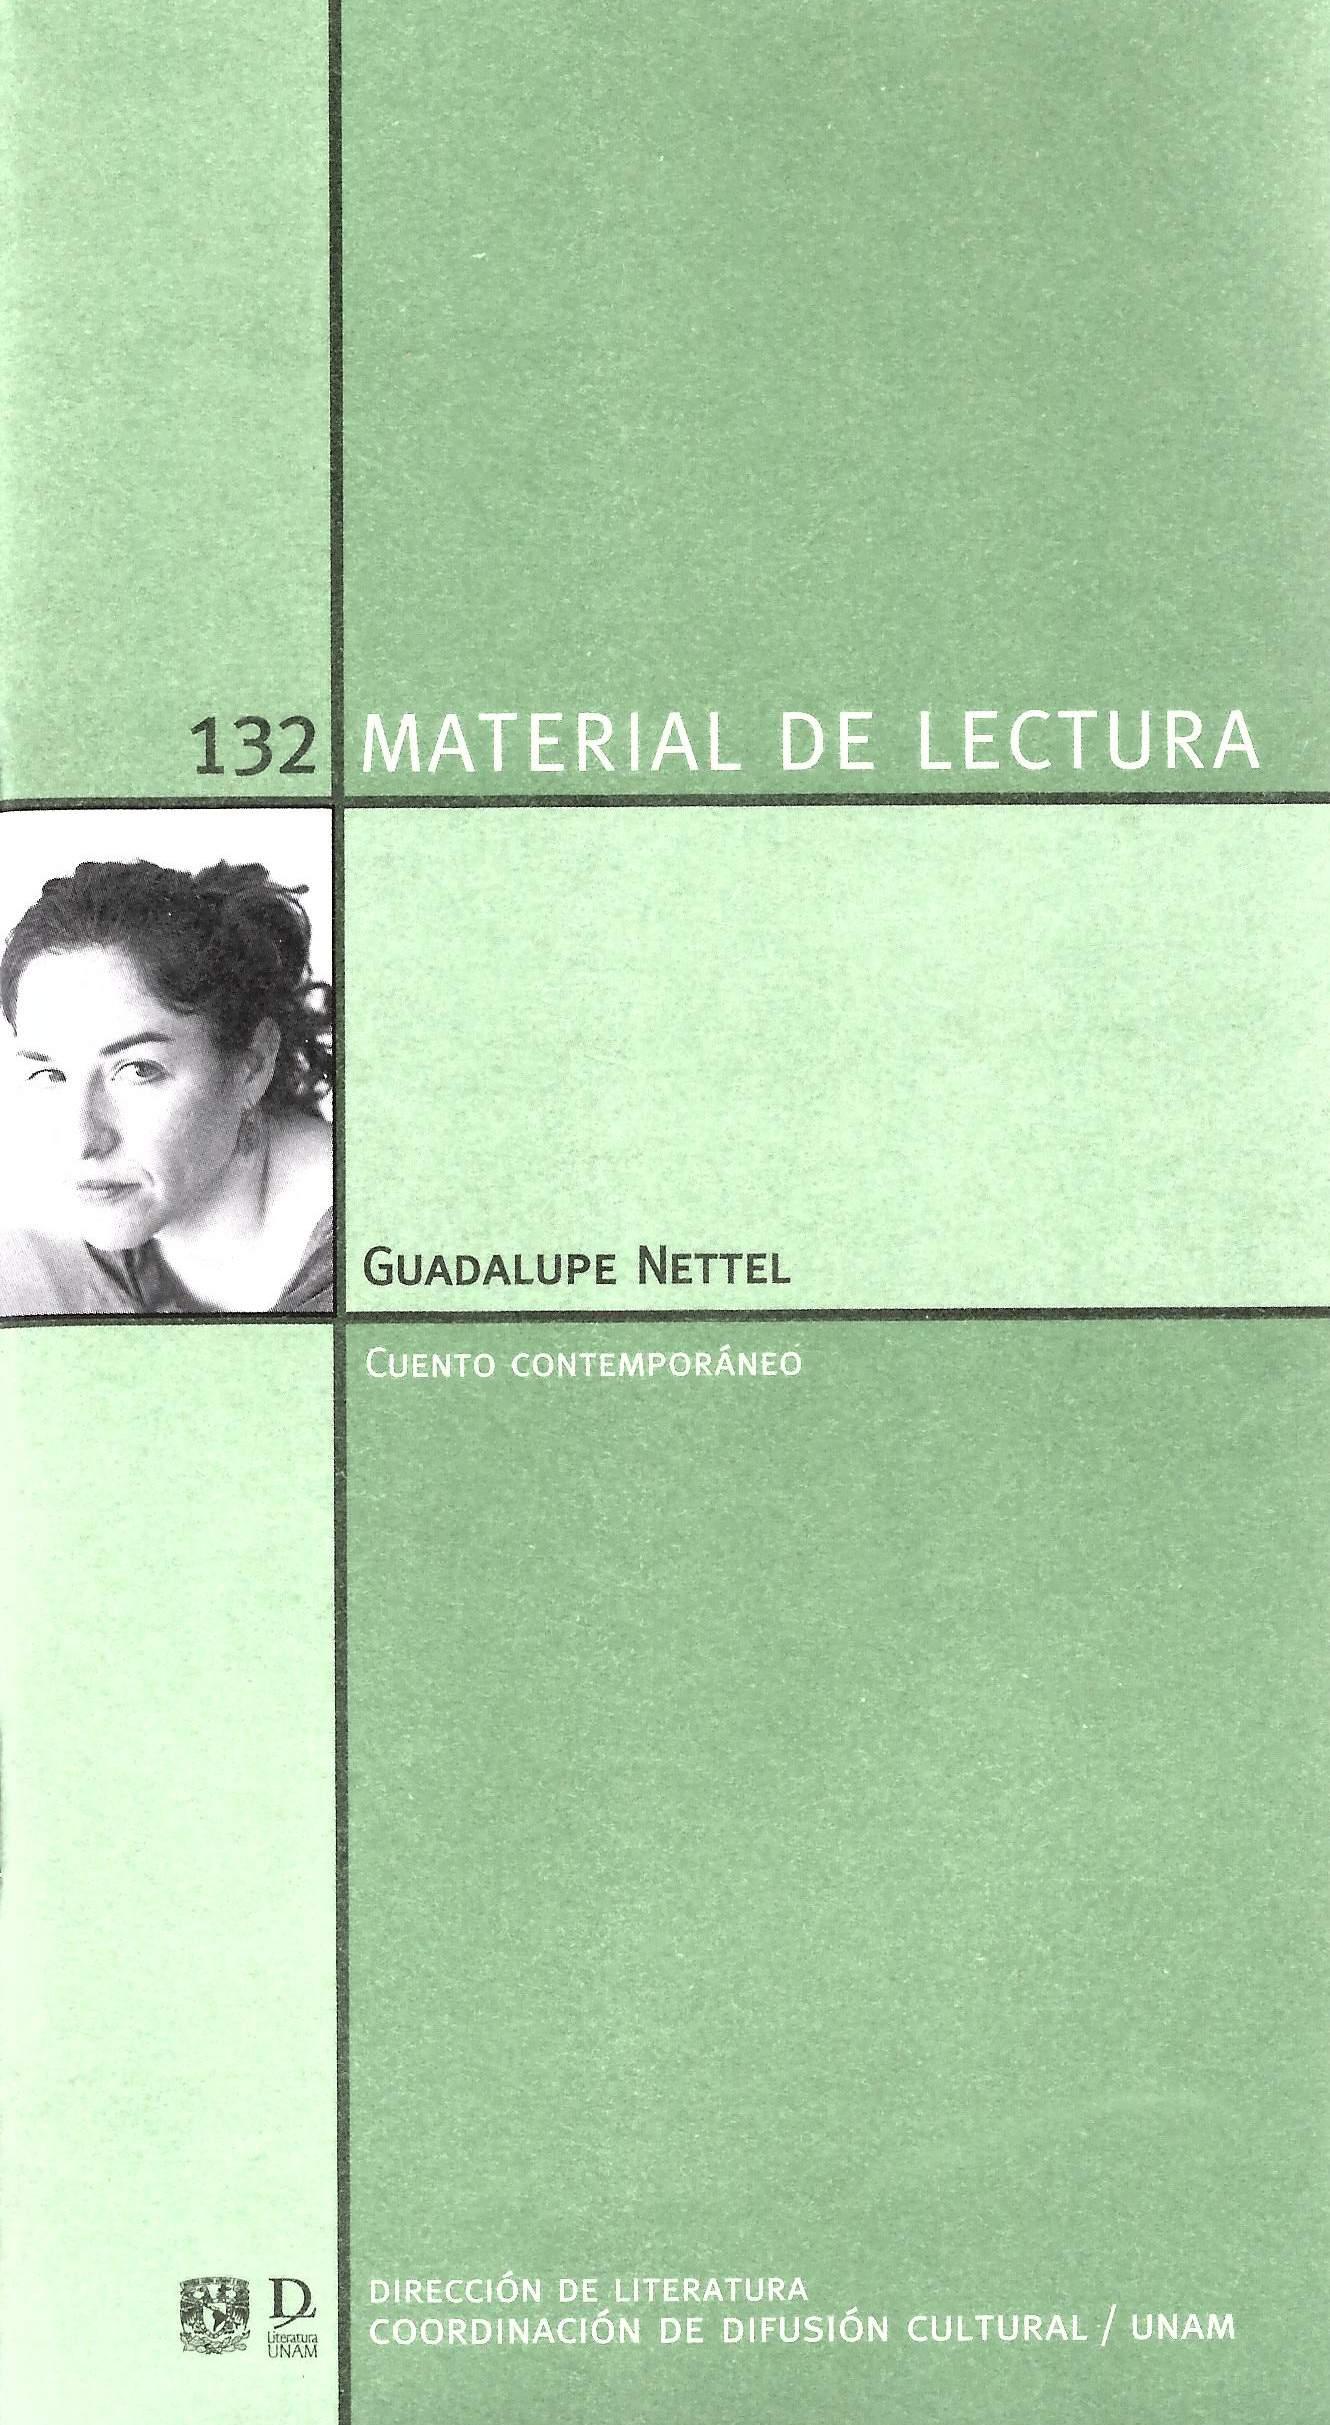 Guadalupe Nettel. Cuento contemporáneo. Material de lectura